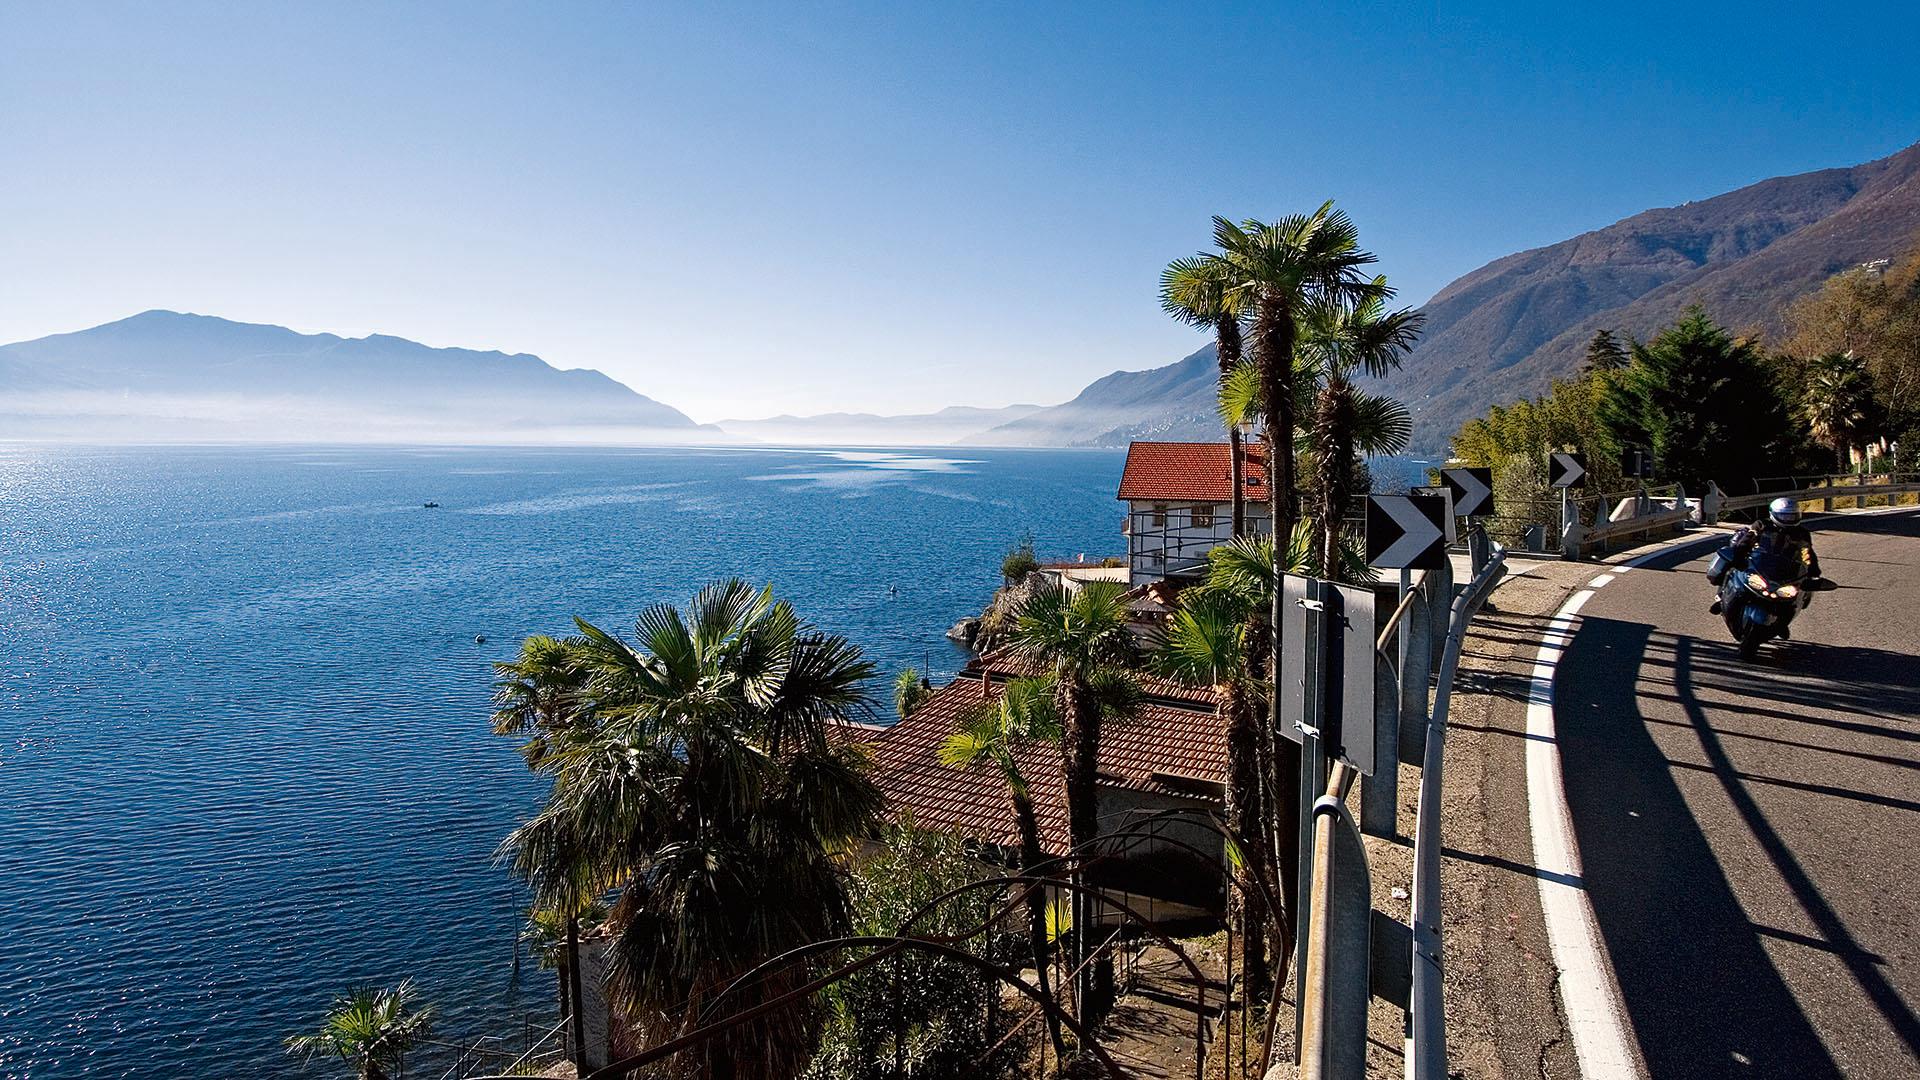 Tour 1 - Lago Maggiore